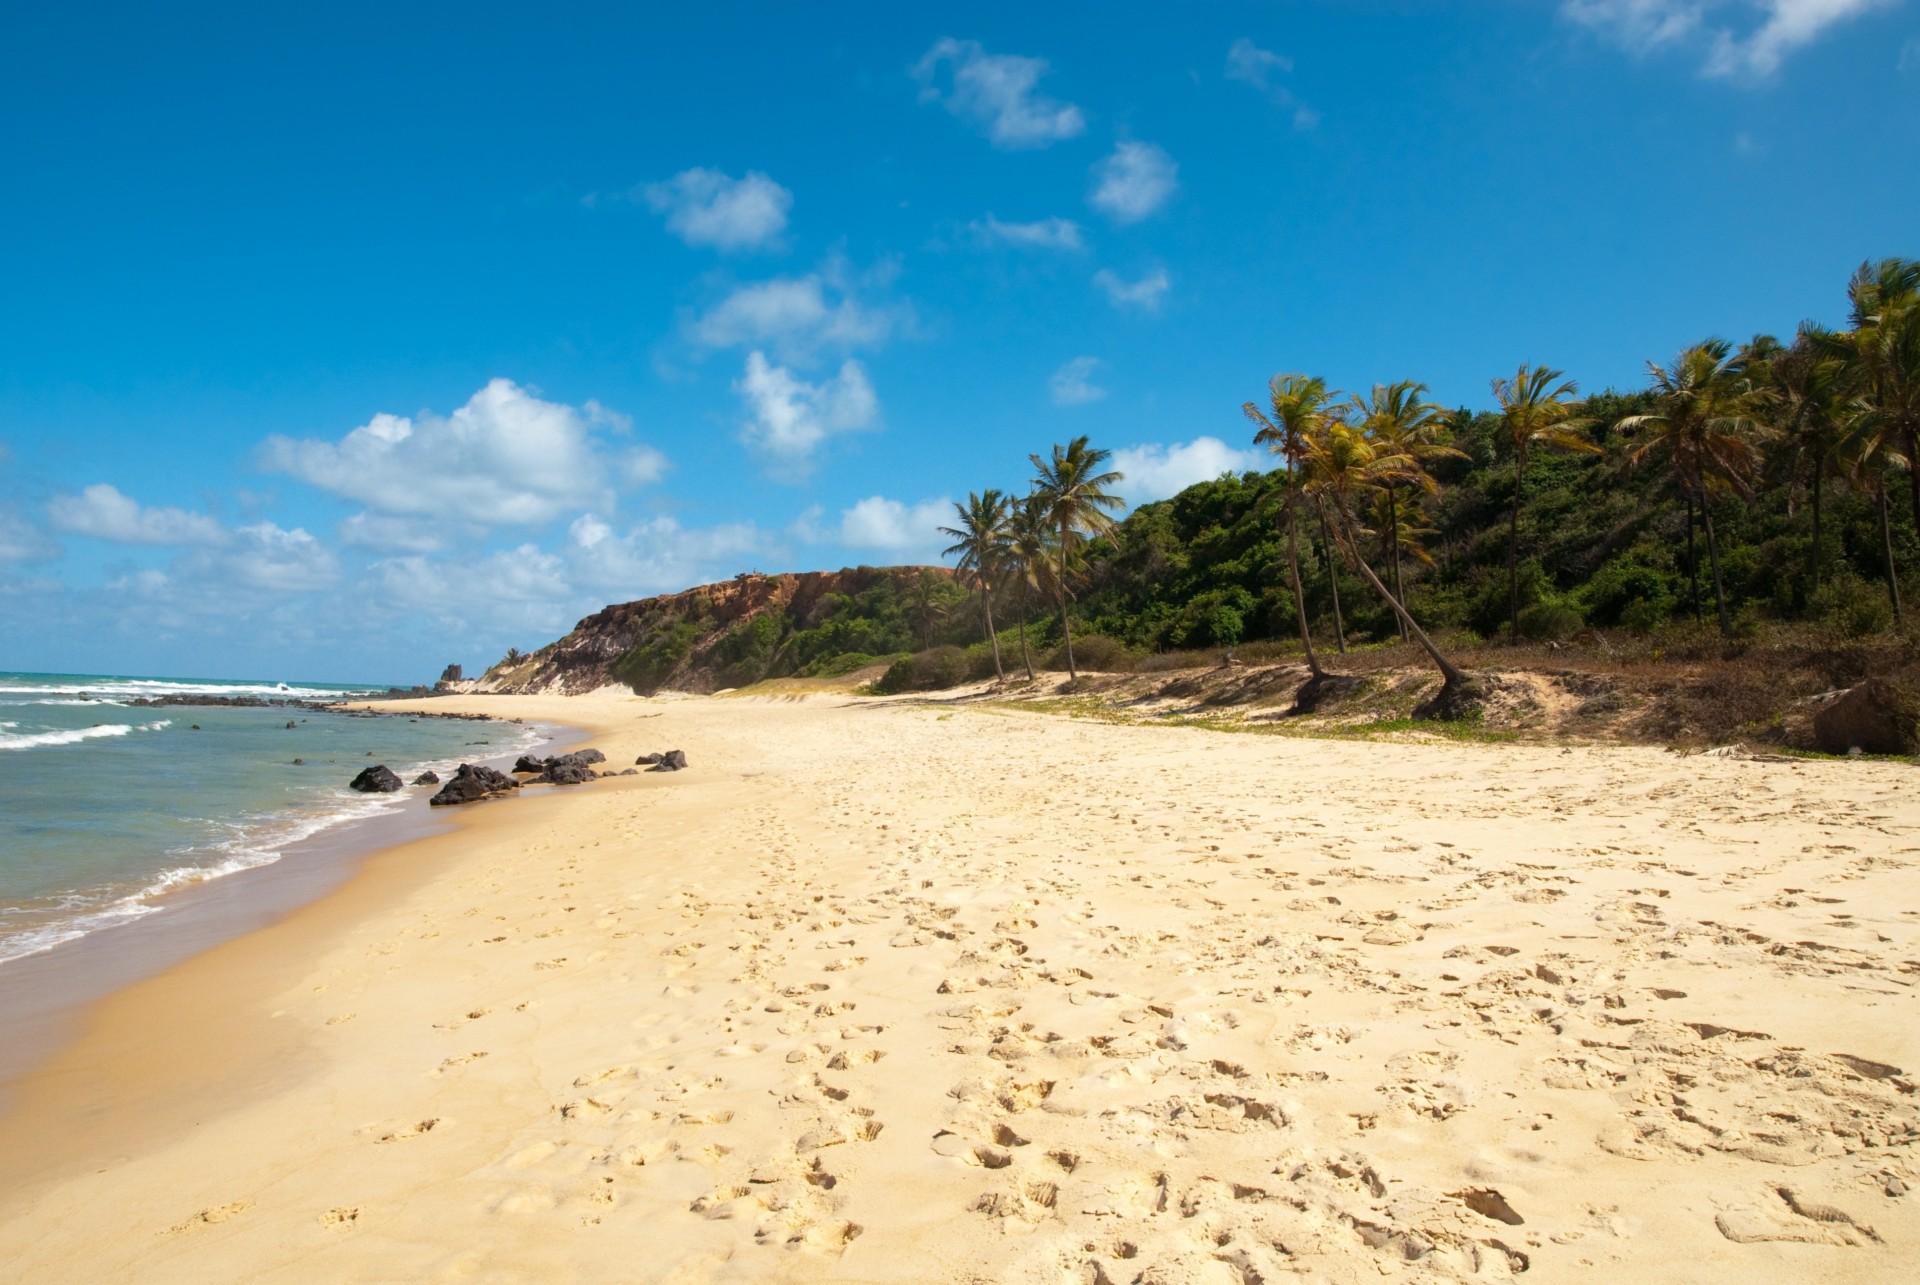 Бразильские пляжи с их эротикой 2